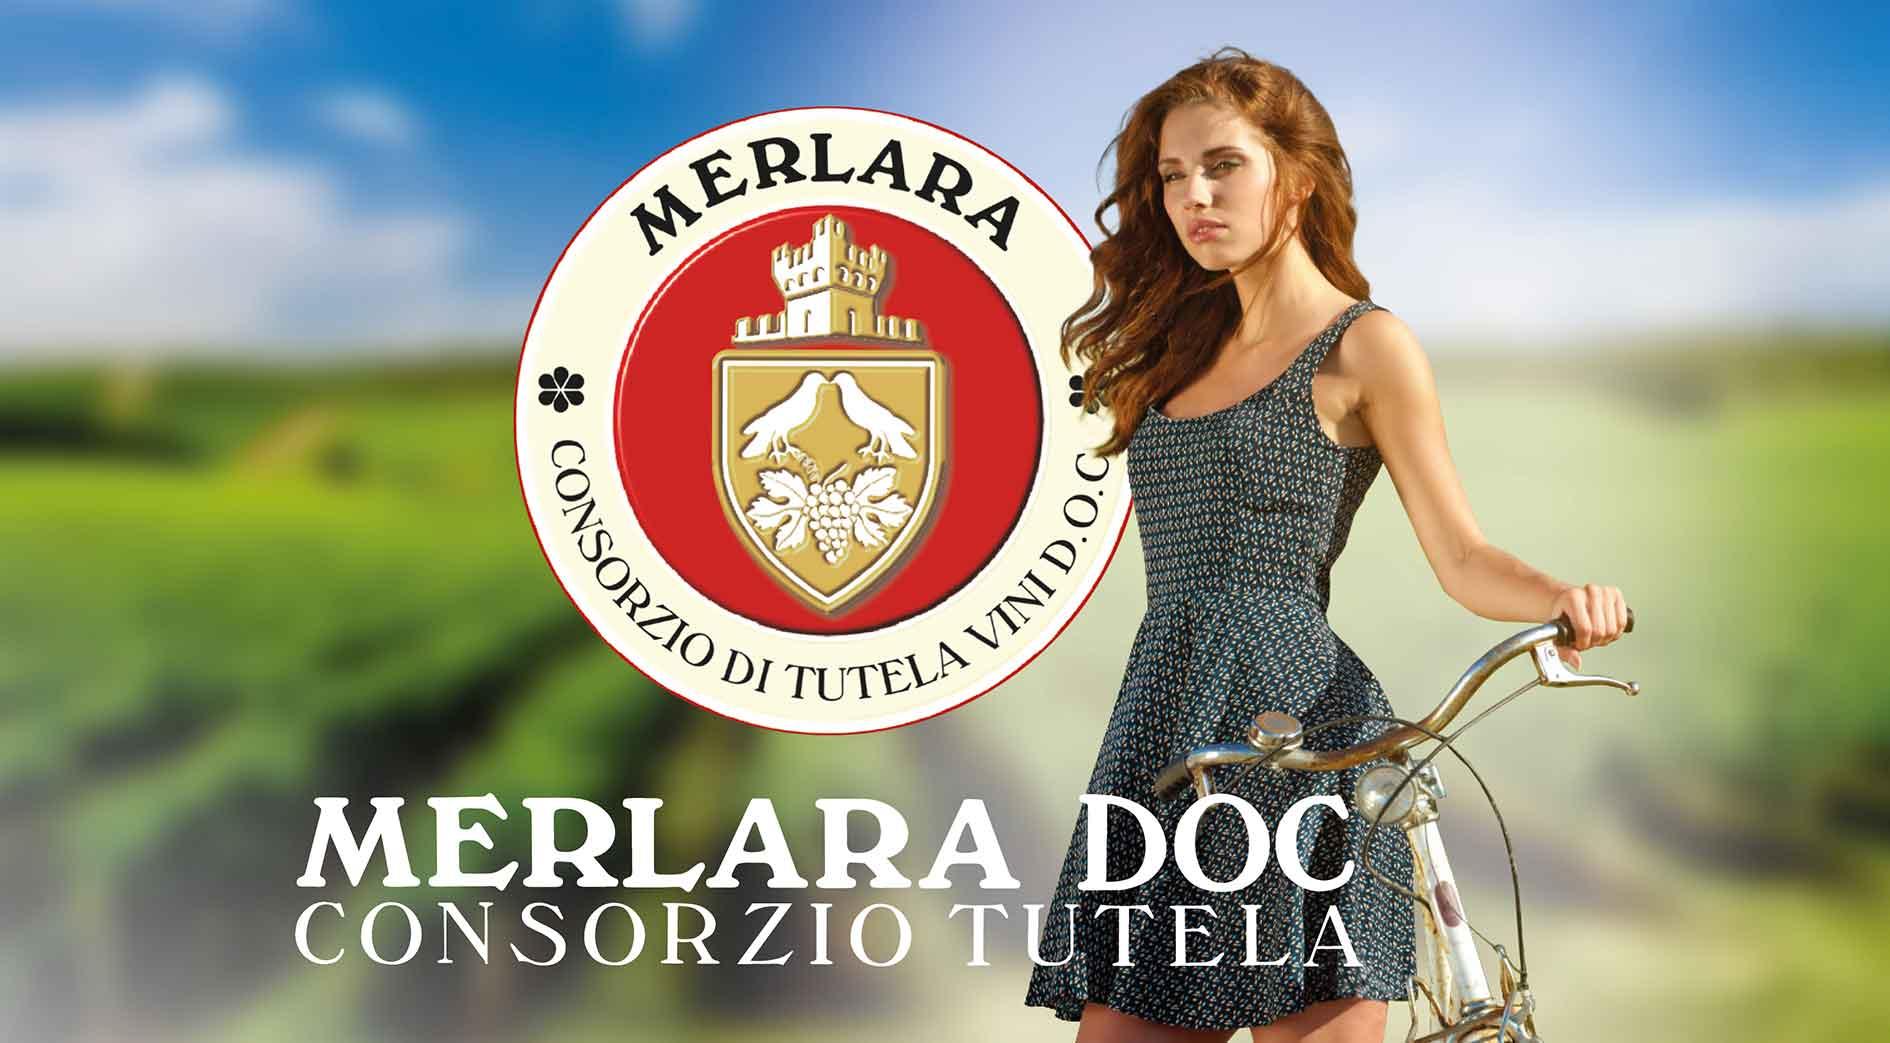 Vini Merlara DOC strada del vino